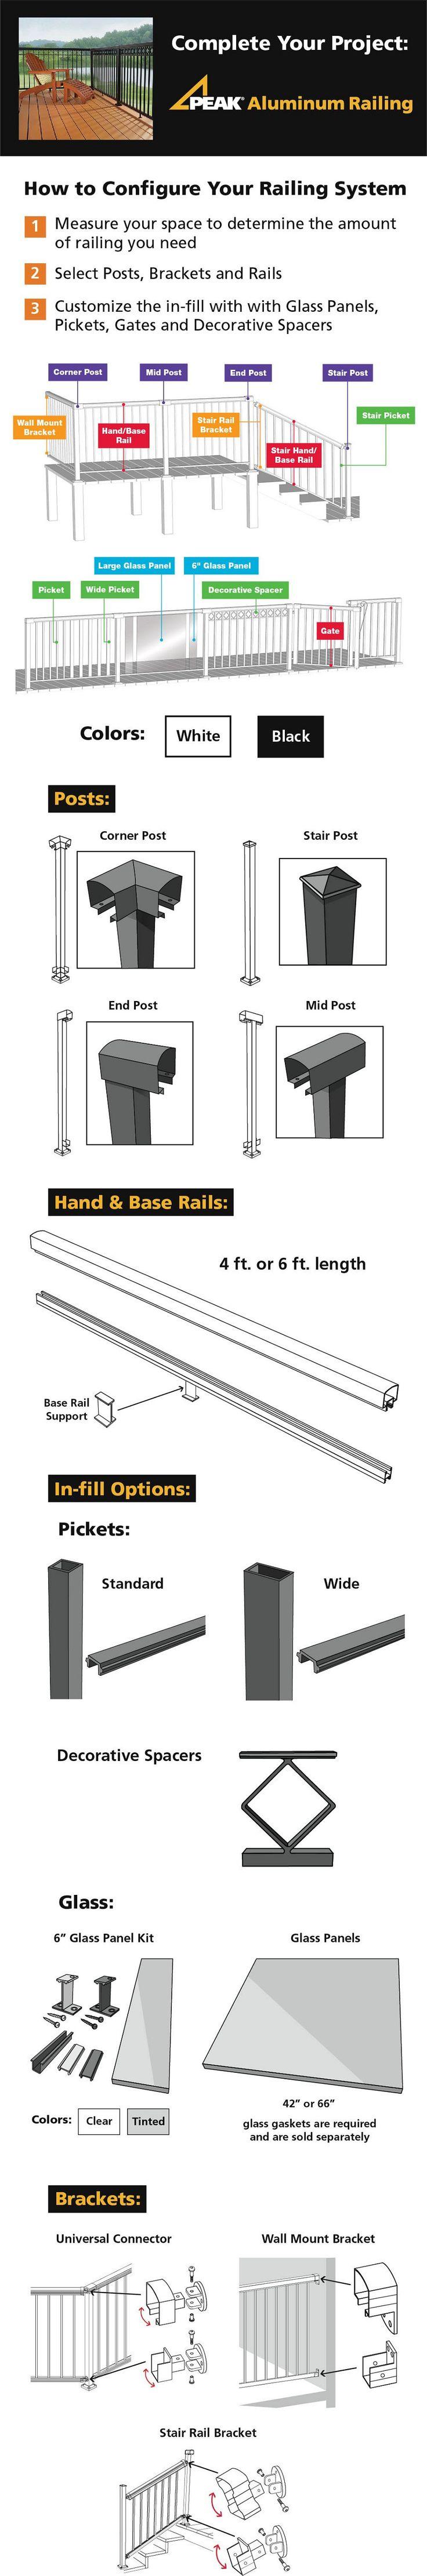 how to configure your peak aluminum railing system